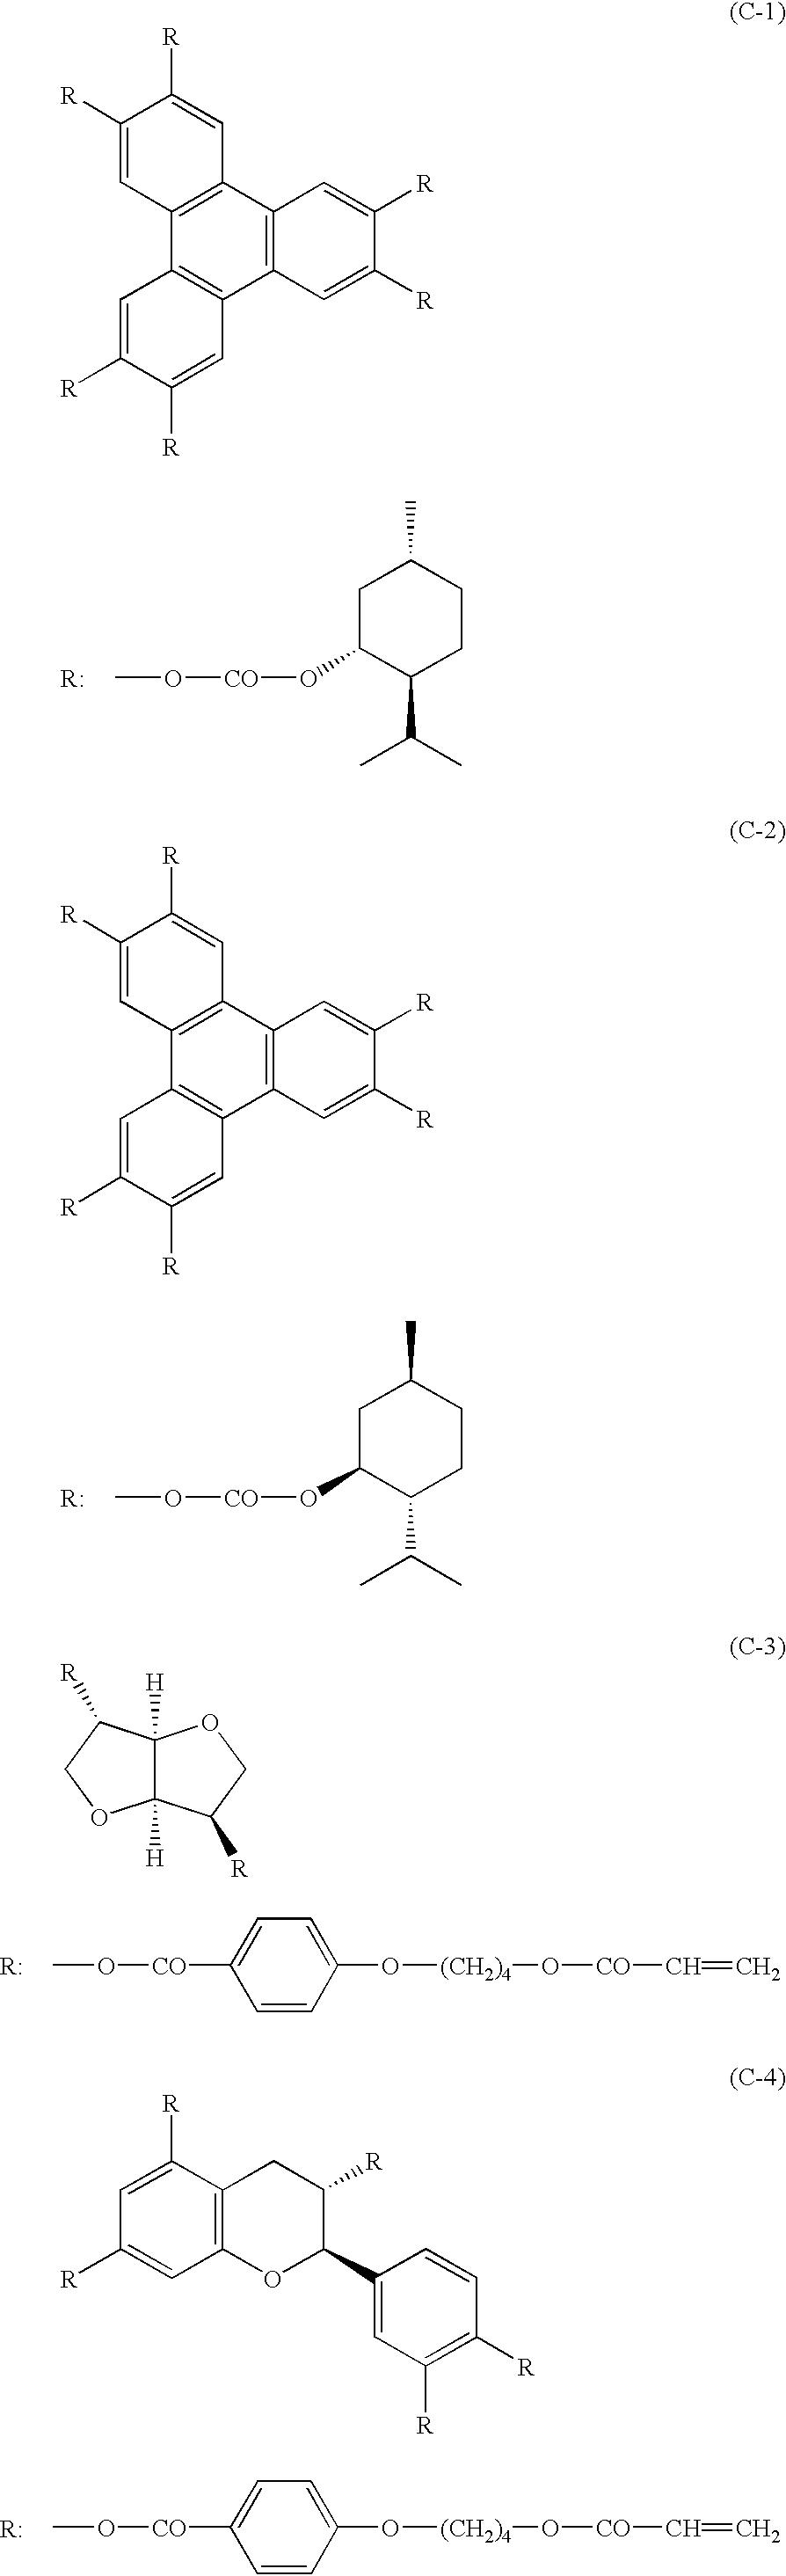 Figure US06853423-20050208-C00006